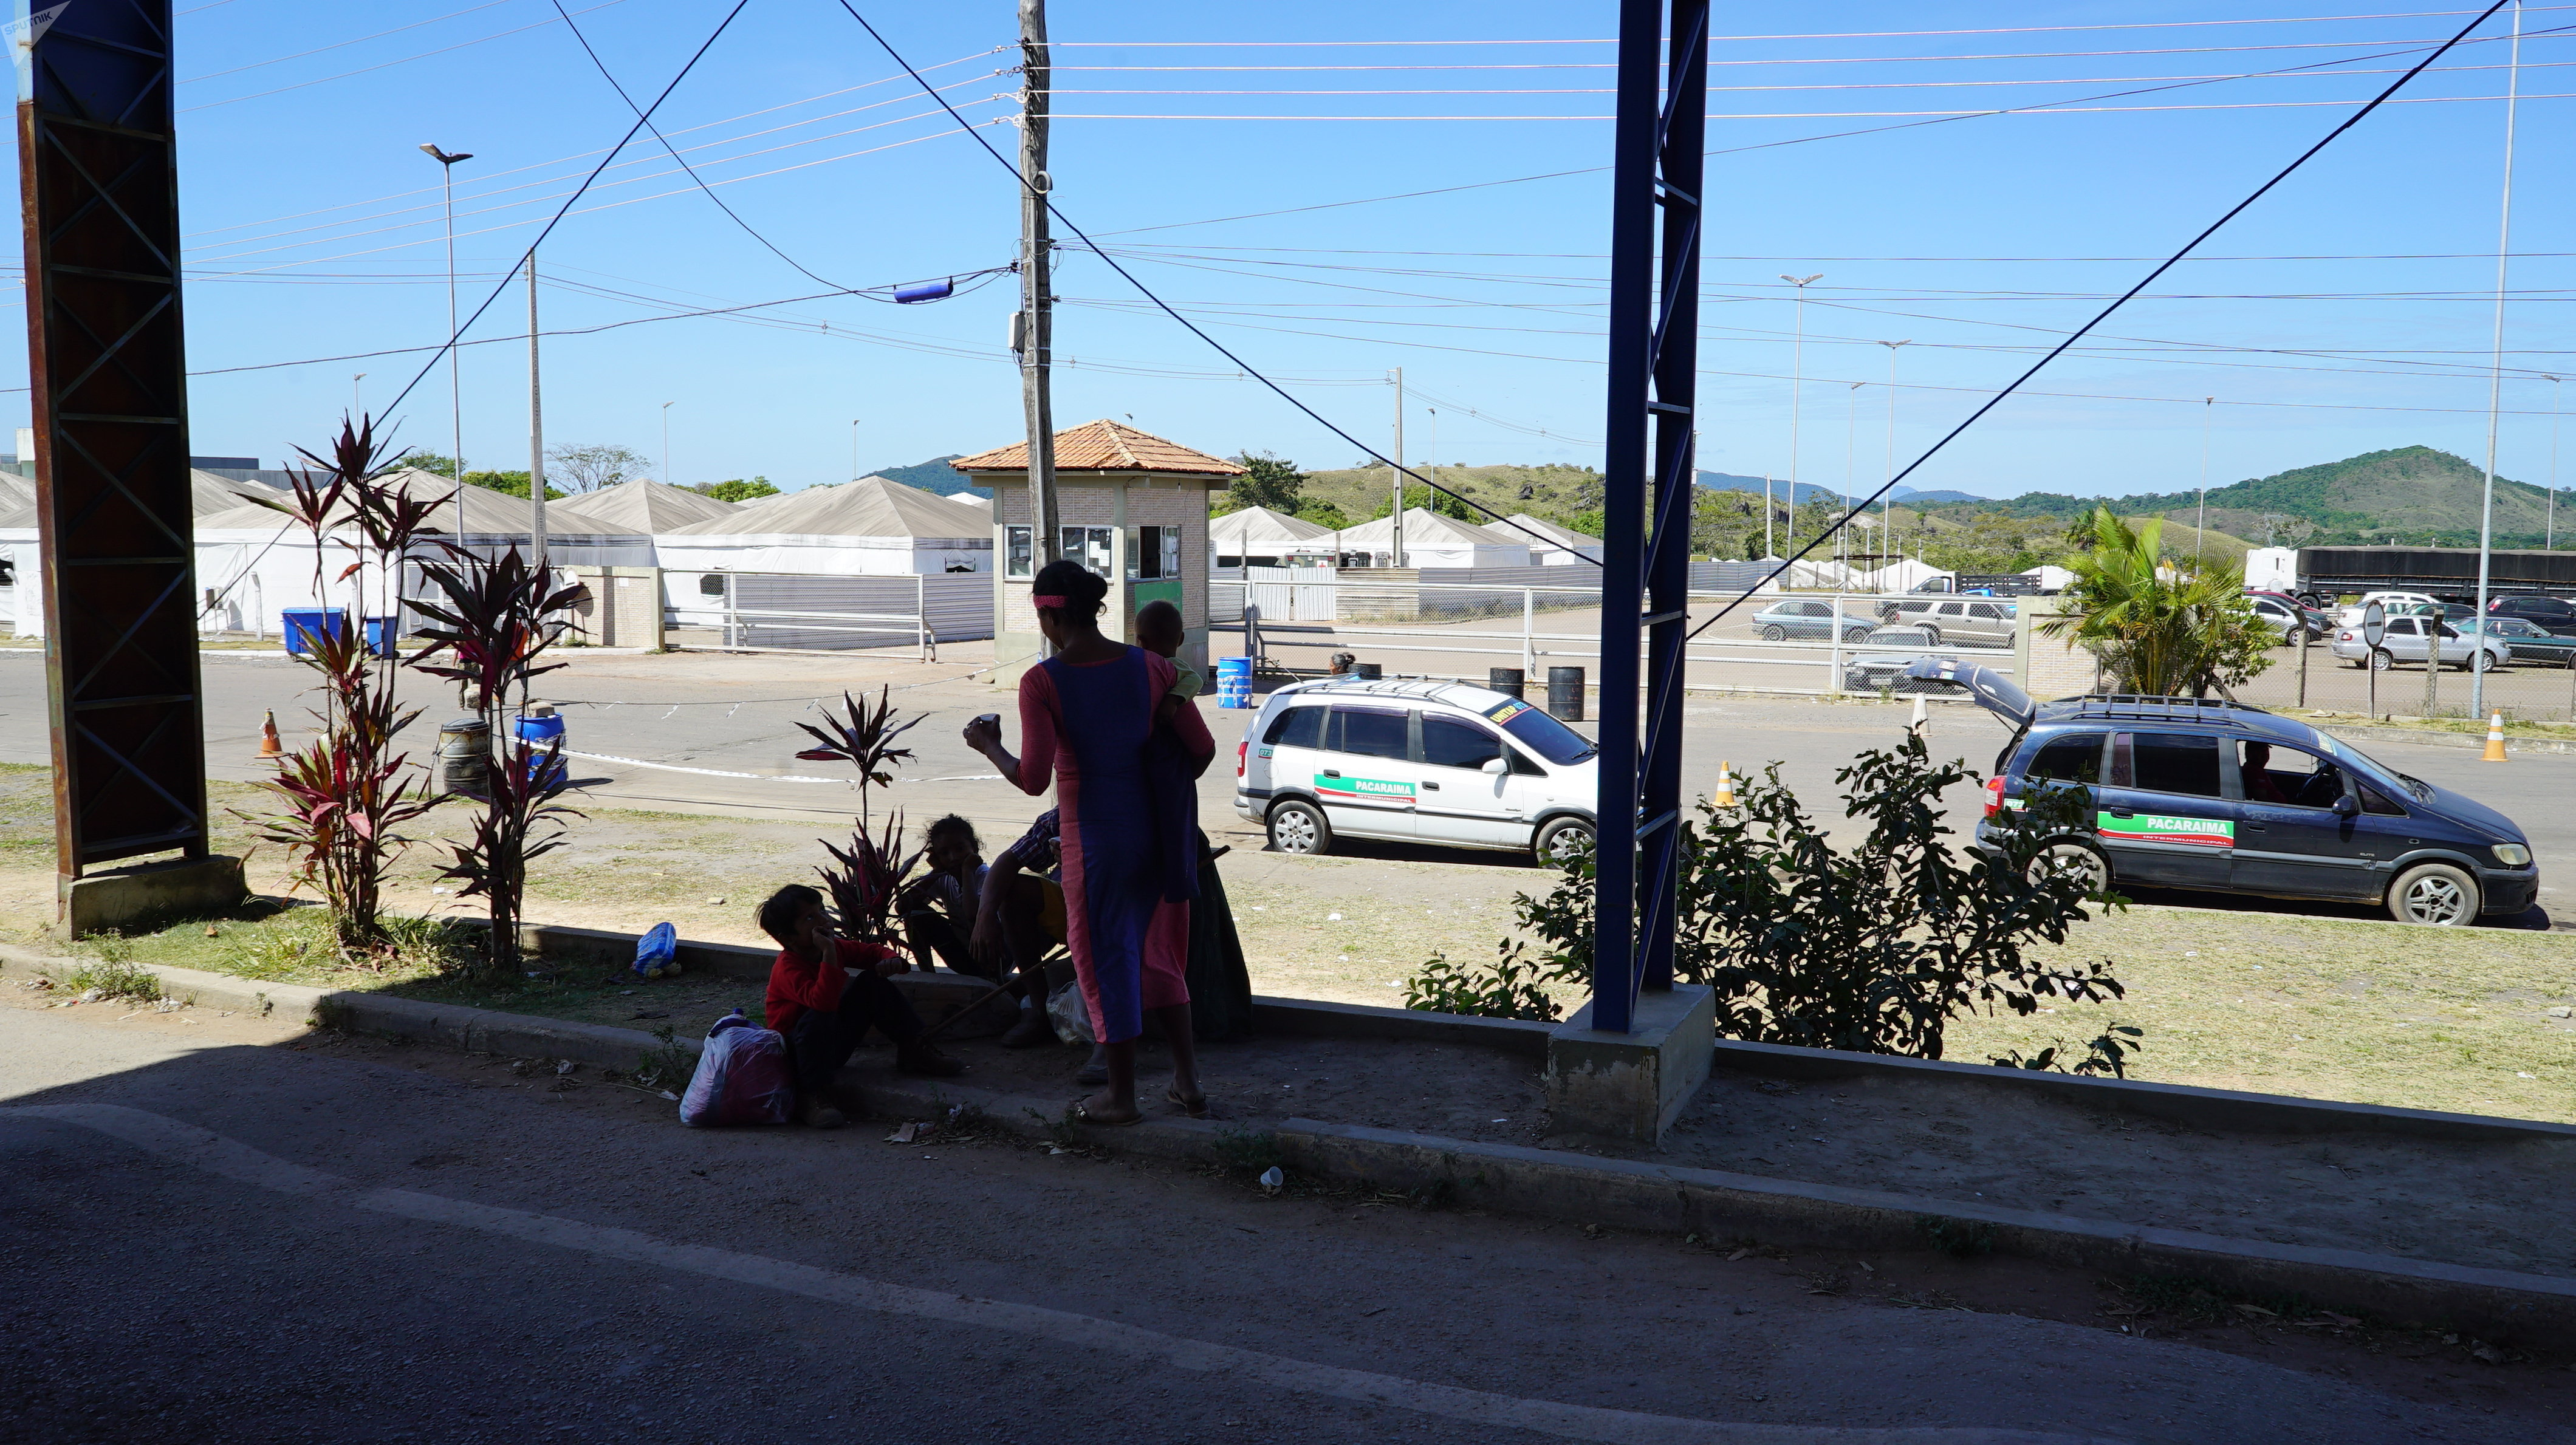 Imigrante venezuelana conversa com seus filhos em frente ao posto de controle da Polícia Federal em Pacaraima